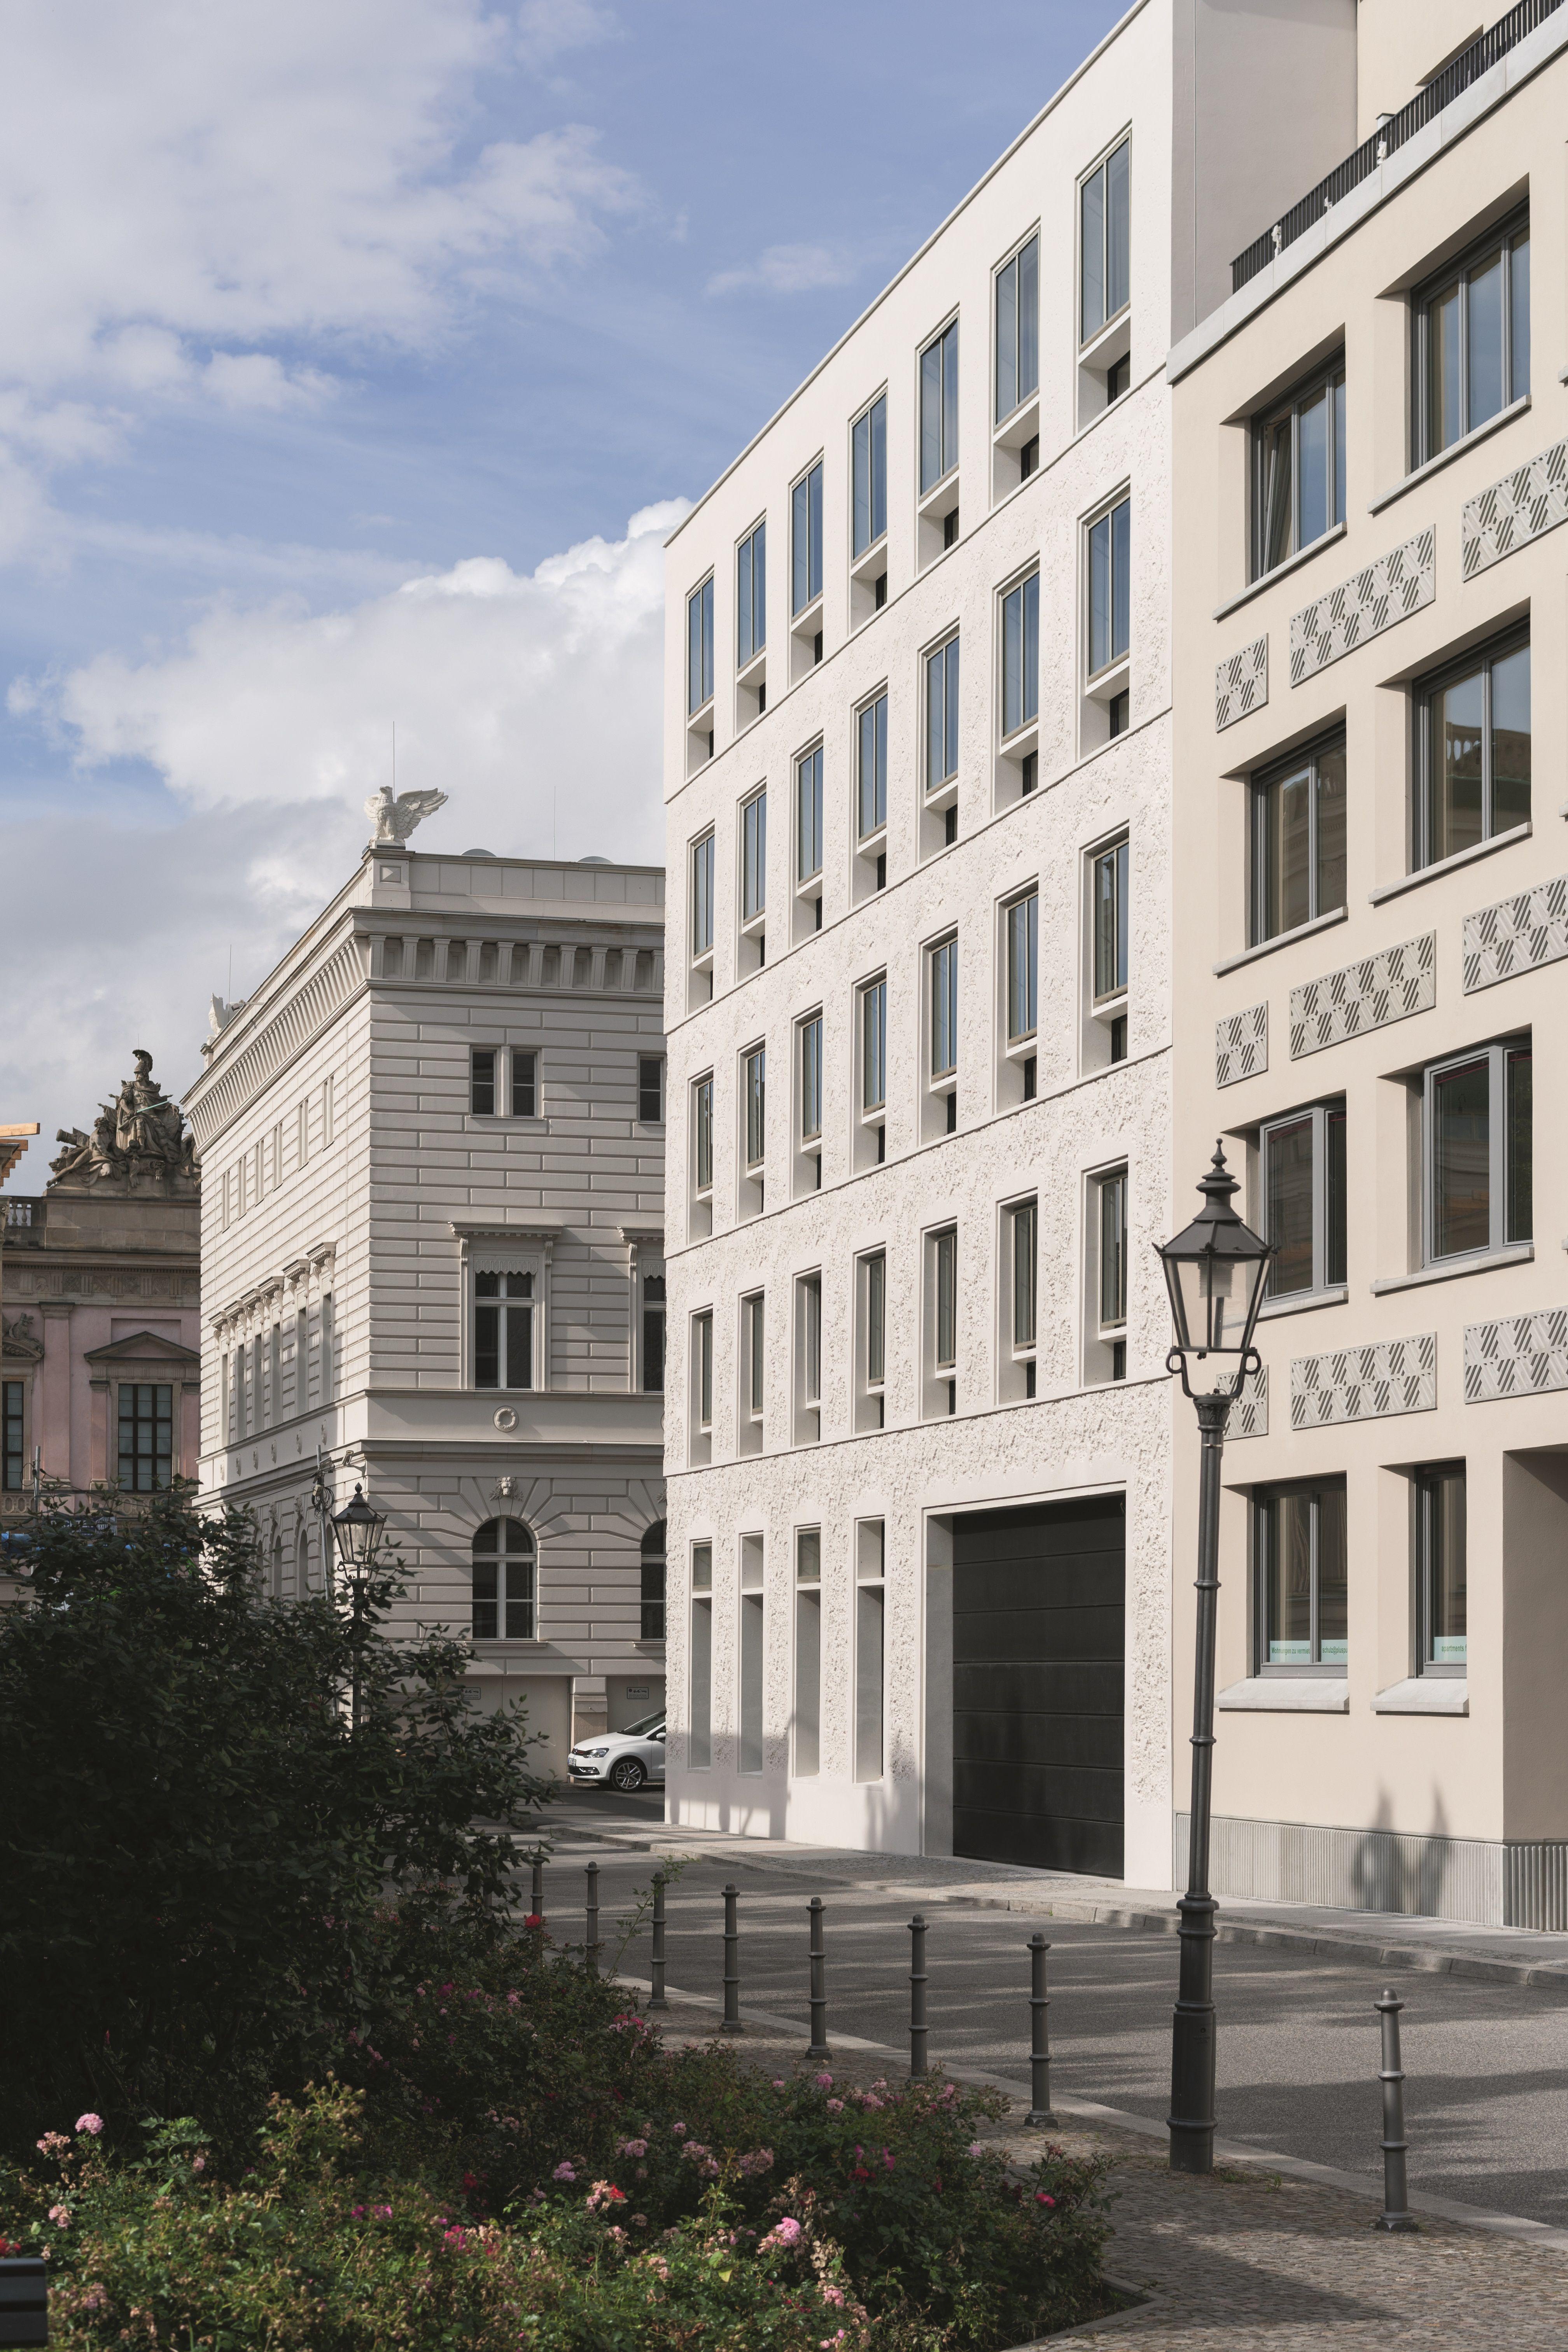 Reckli individualstrukturen schinkelplatz berlin deutschland architekt staab architekten - Architekten deutschland ...